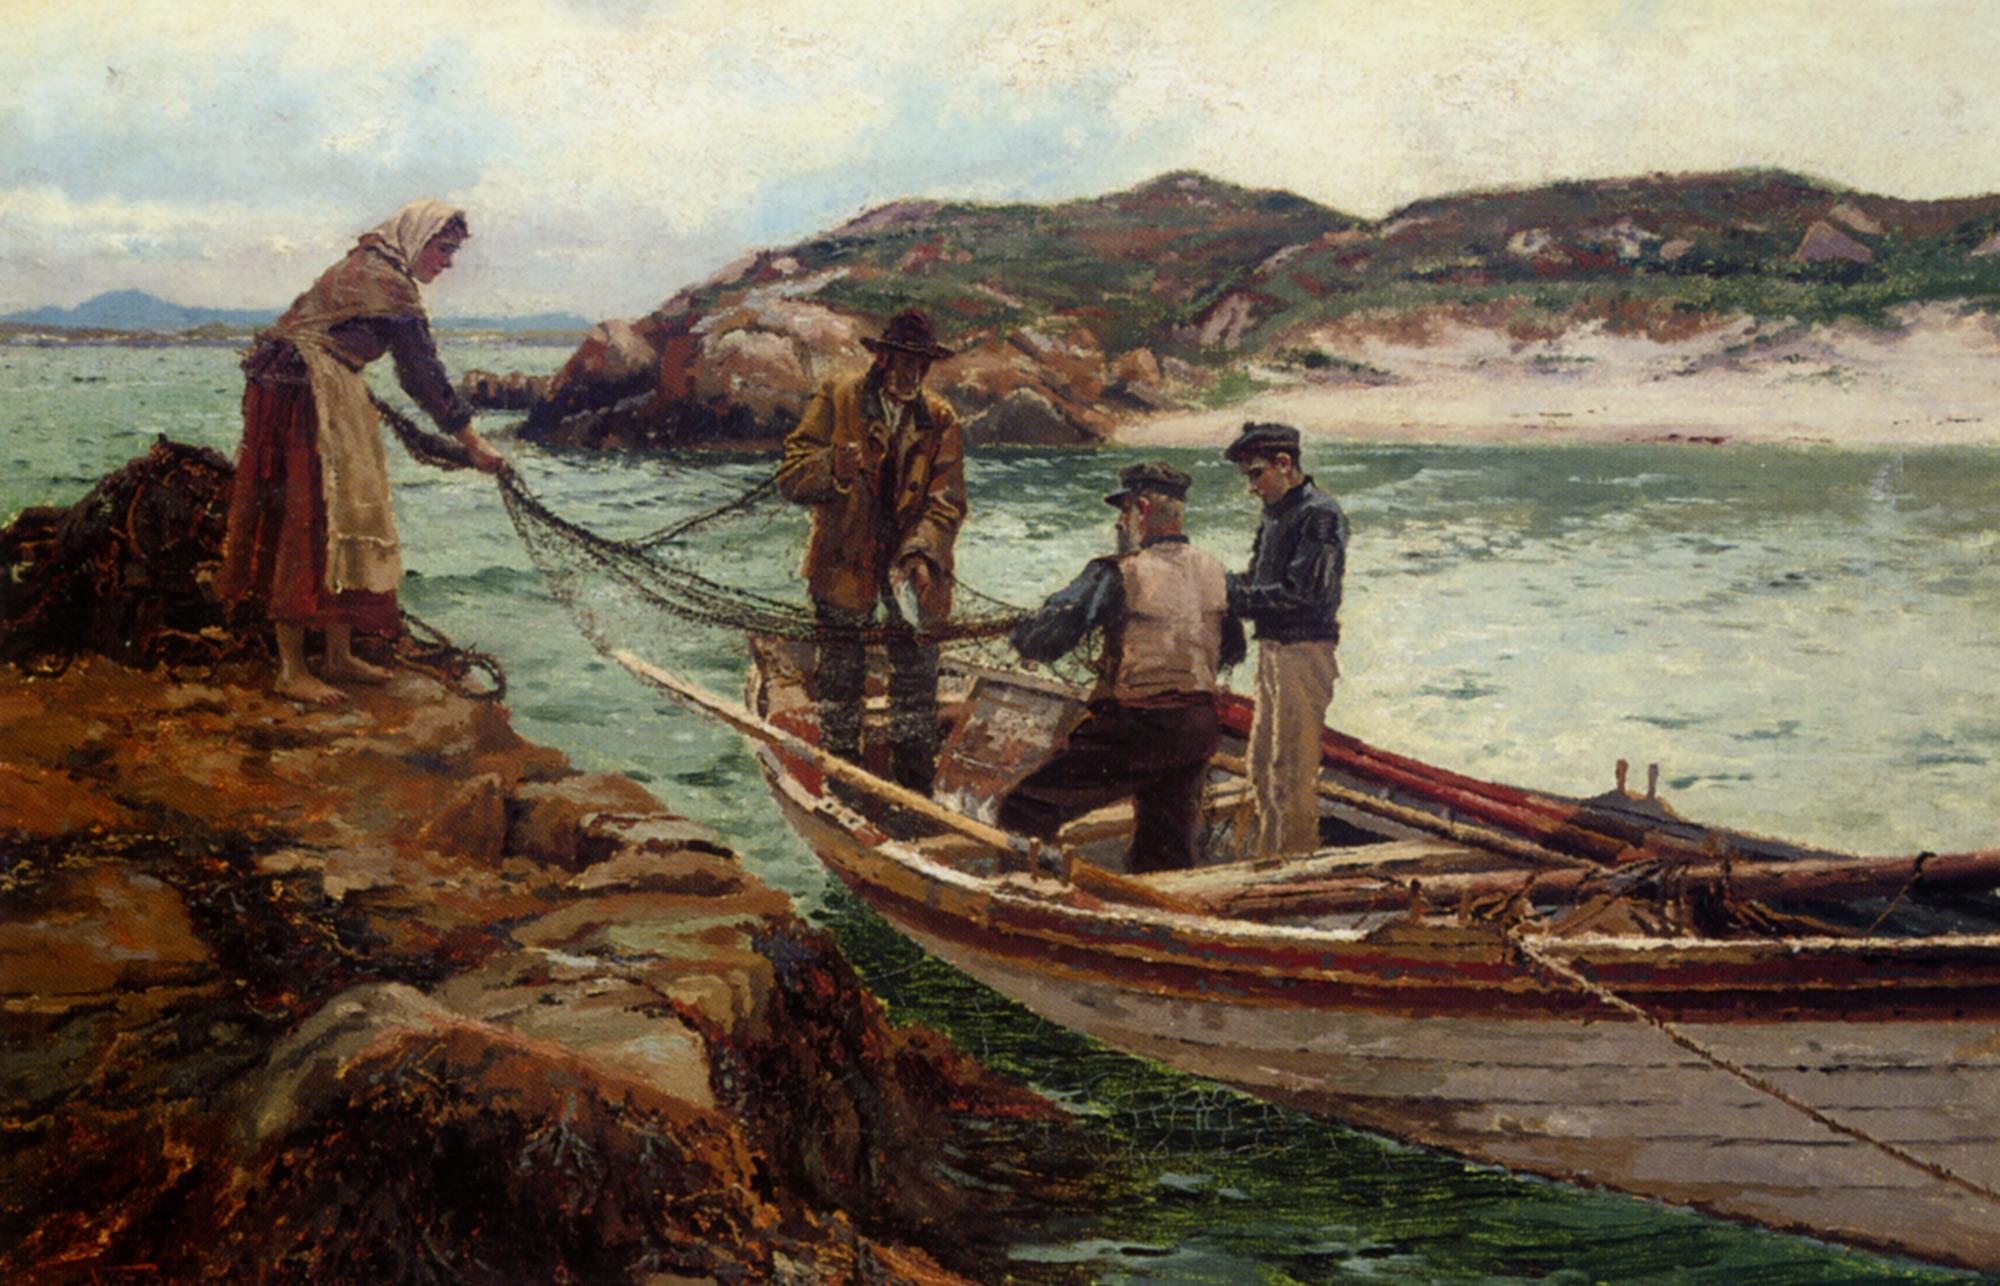 Landing The Catch :: William Henry Bartlett - Sea landscapes with boats ôîòî